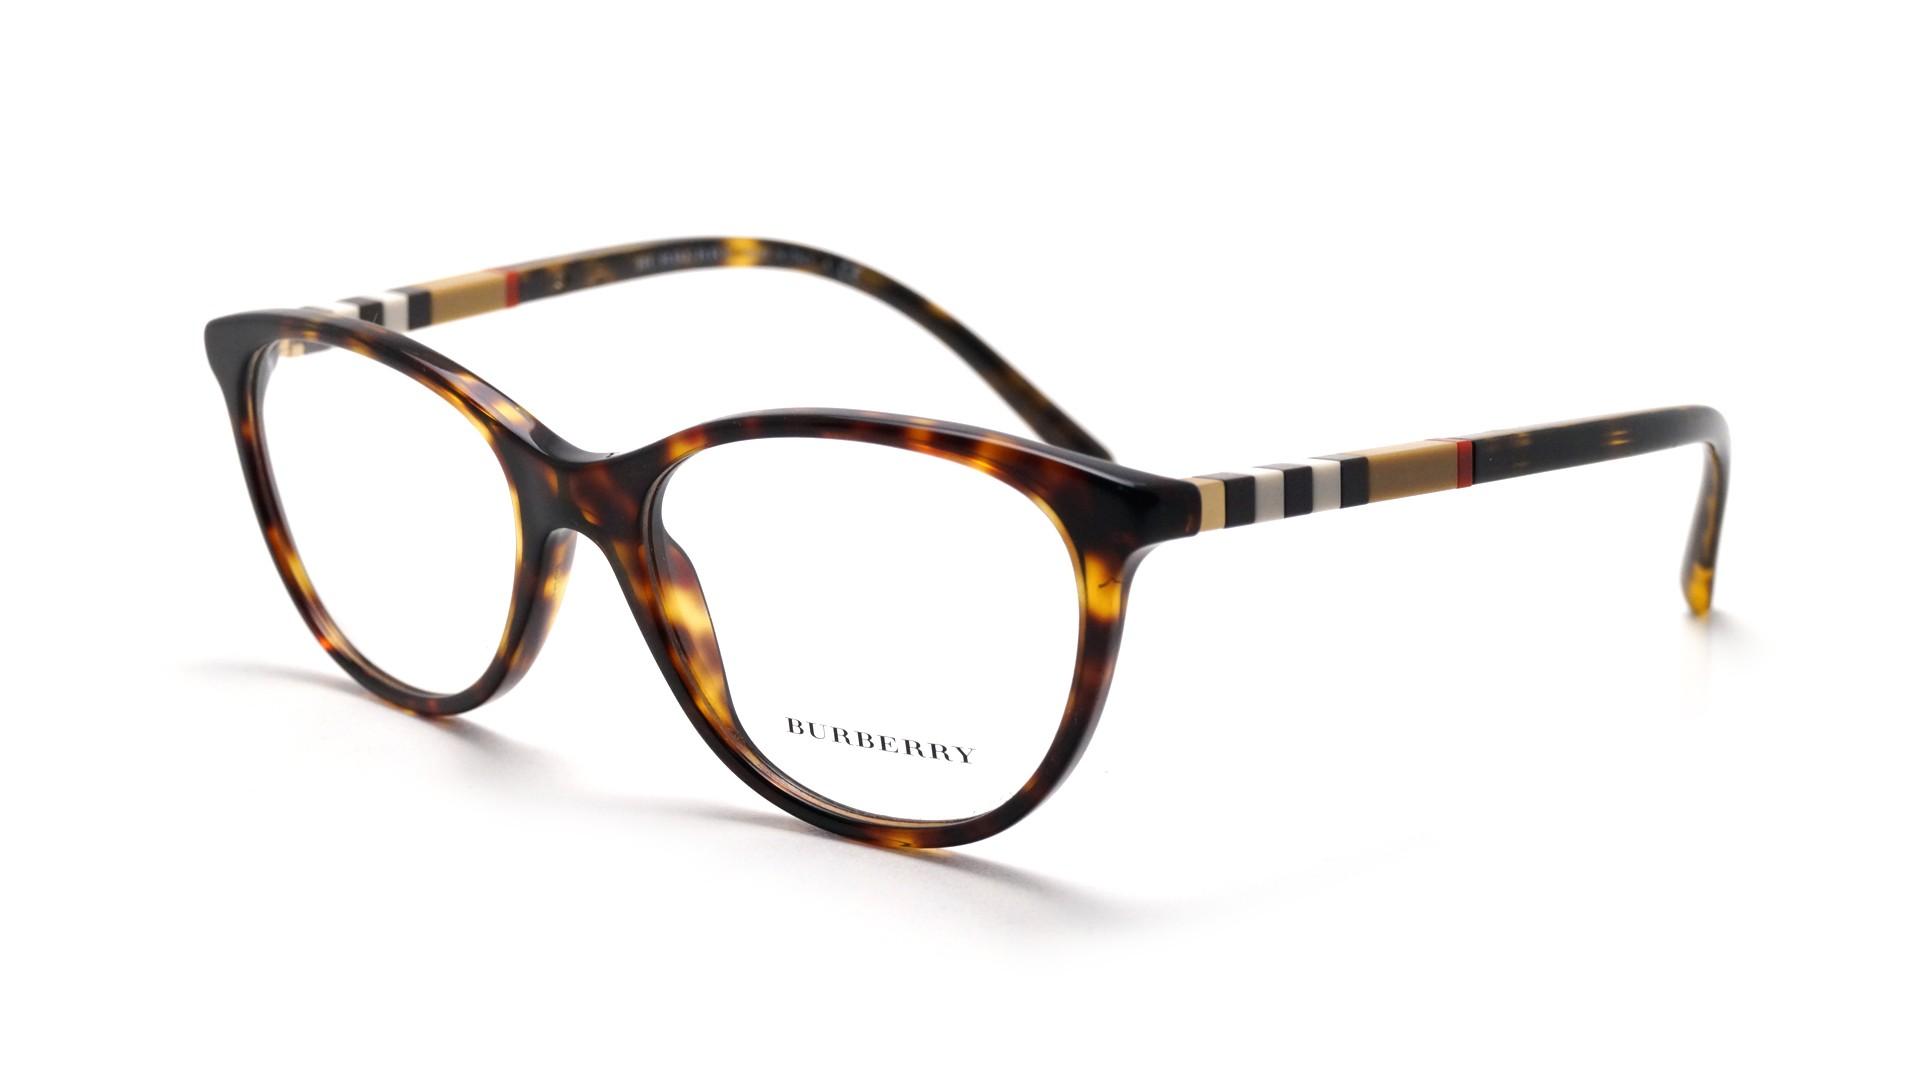 3654beecc6fd Burberry Eyeglasses Frame For Women Bestnewglasses Com. Burberry Be2205  3002 52 17 Tortoise Visiofactory